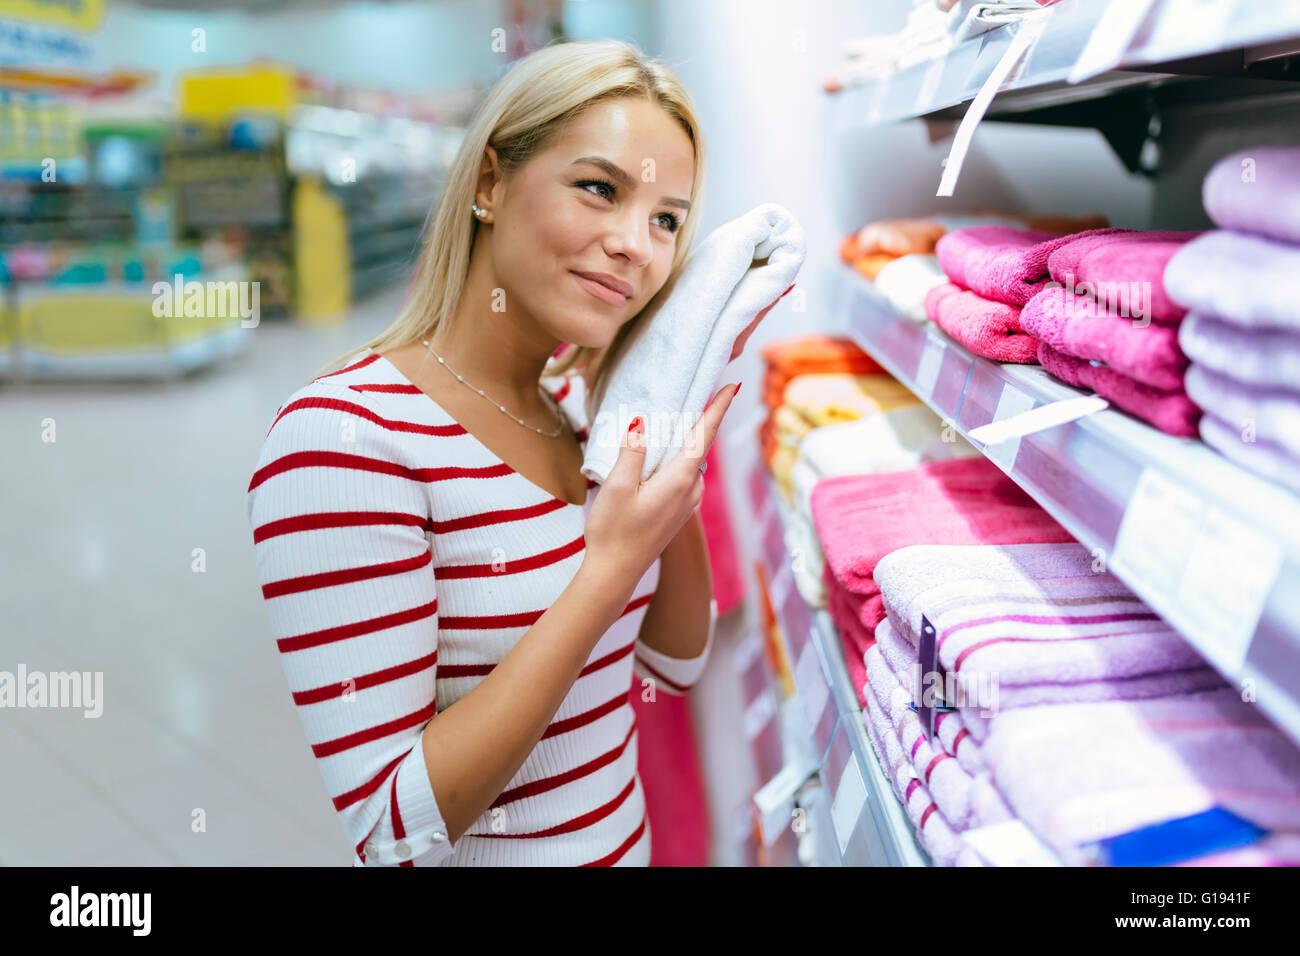 Belle femme l'inspection et l'achat de serviettes en supermarché Photo Stock